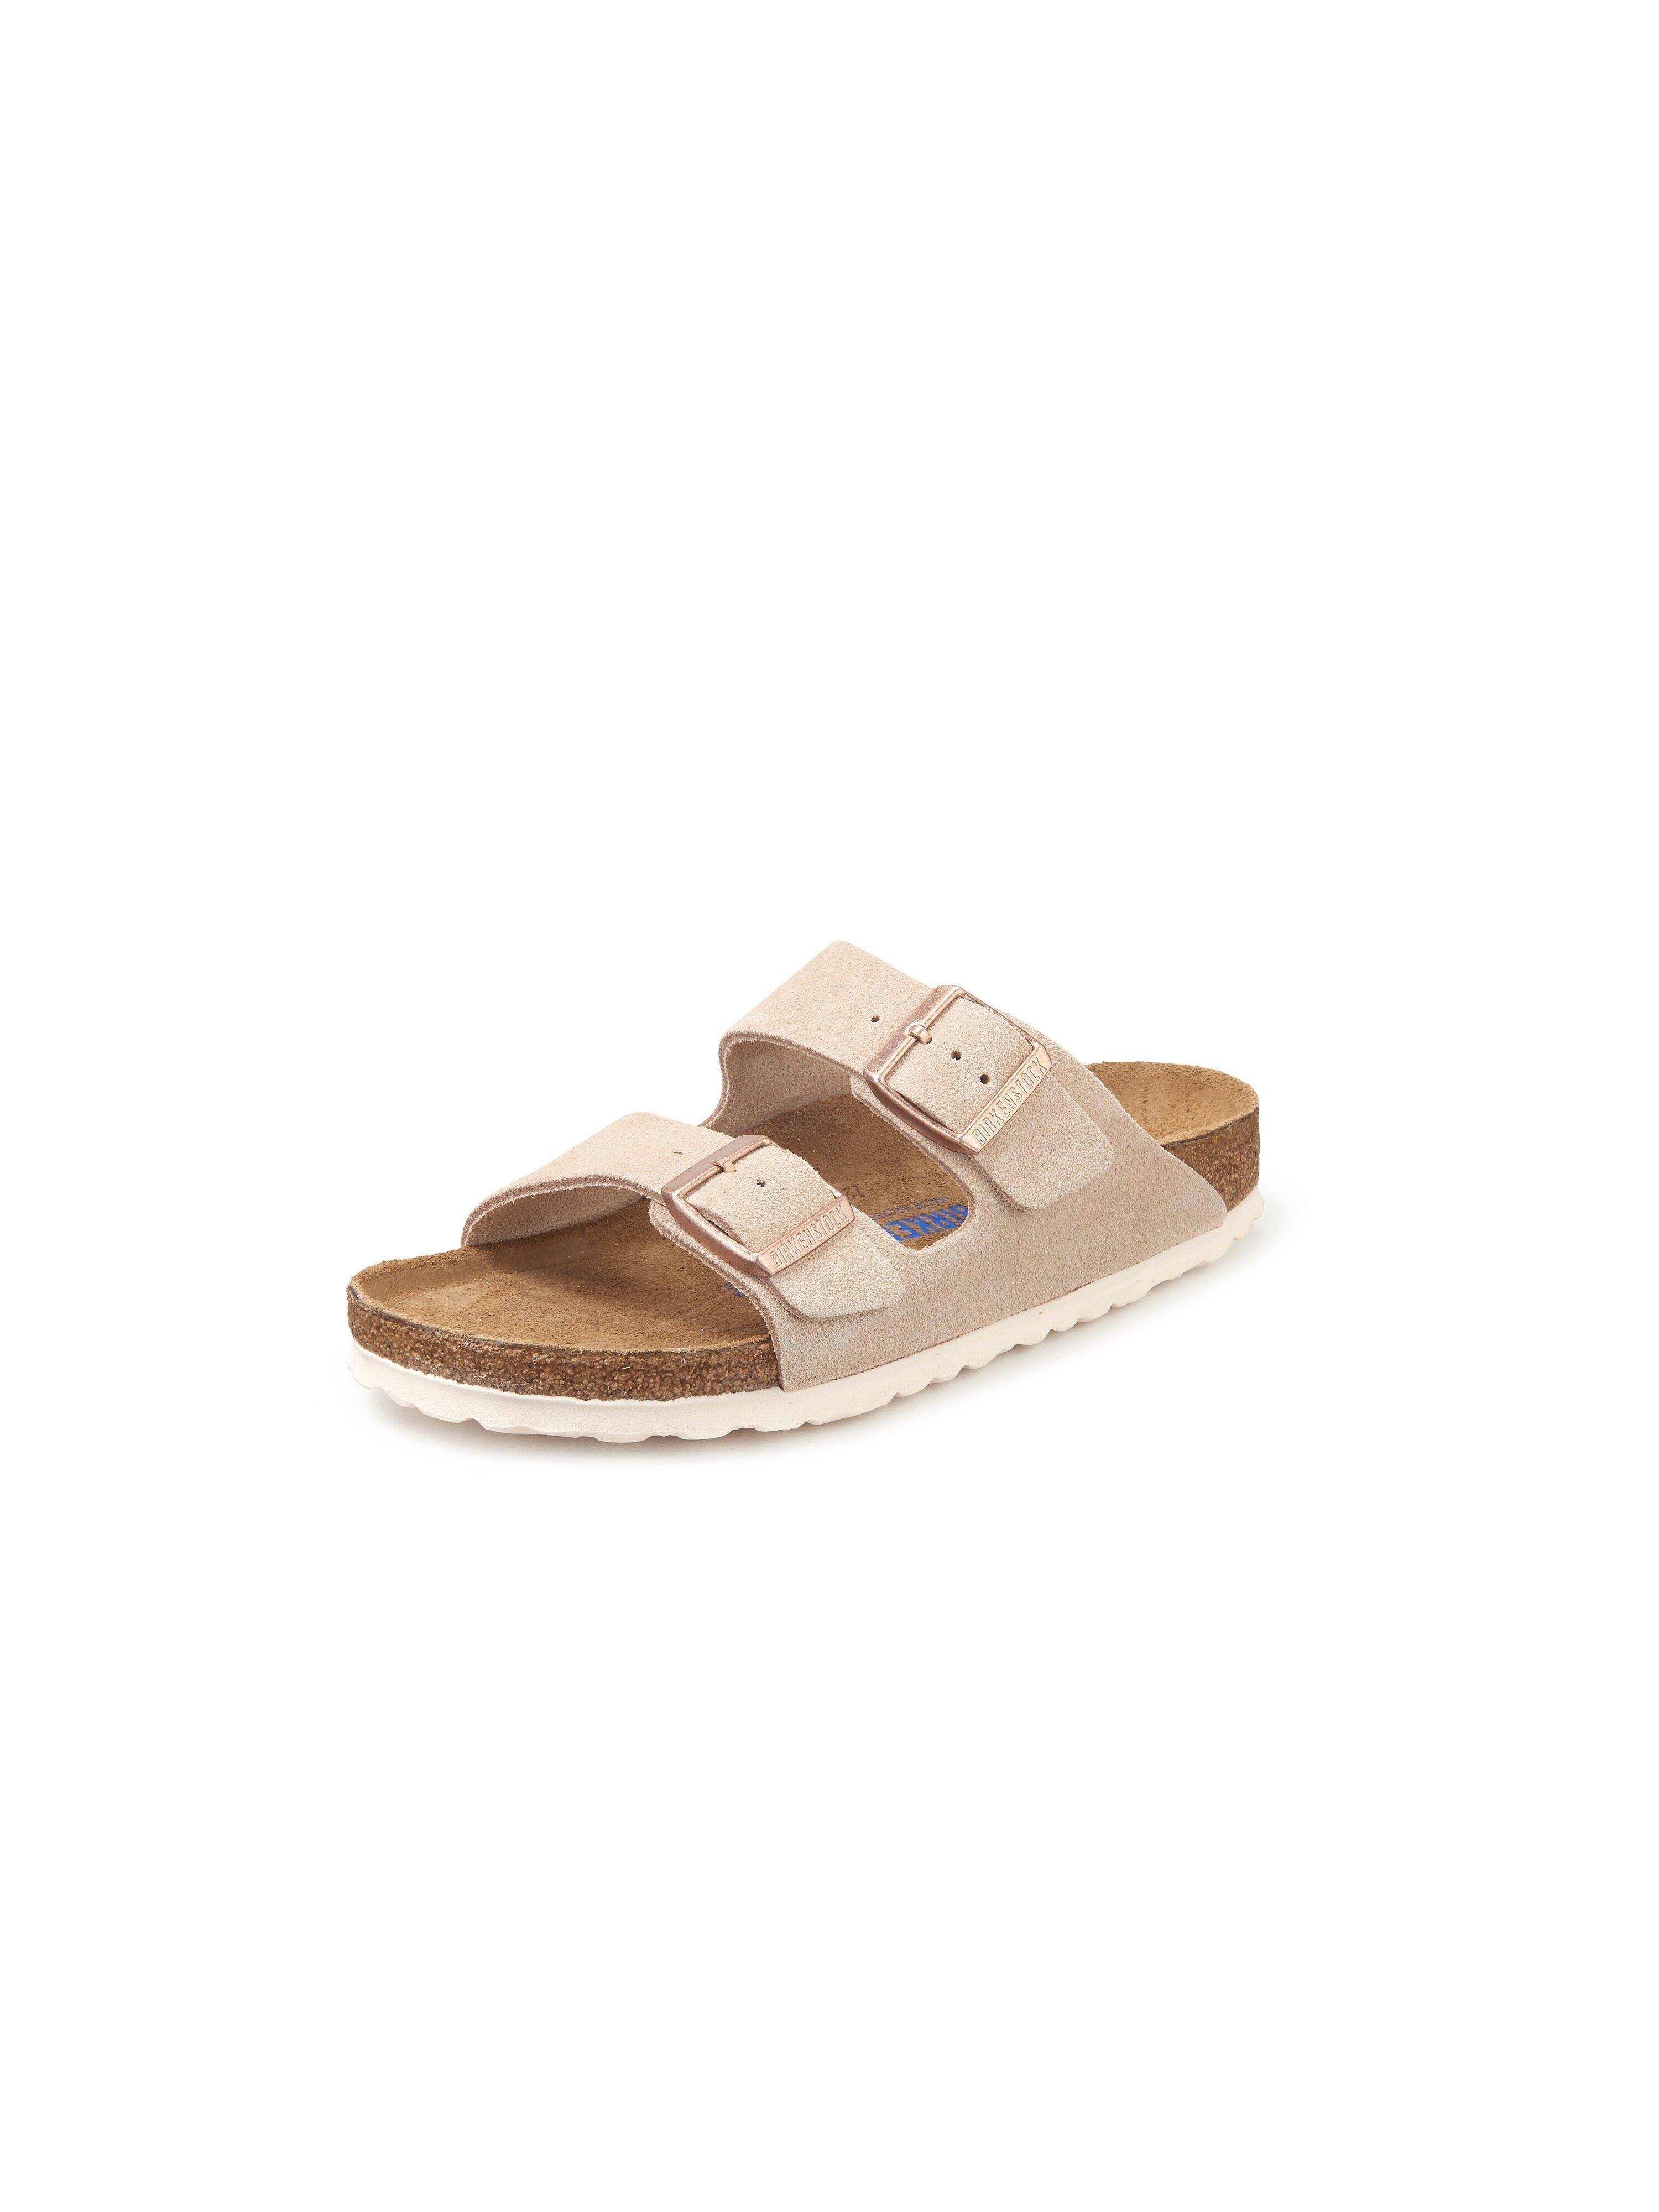 Slippers model Arizona Van Birkenstock beige